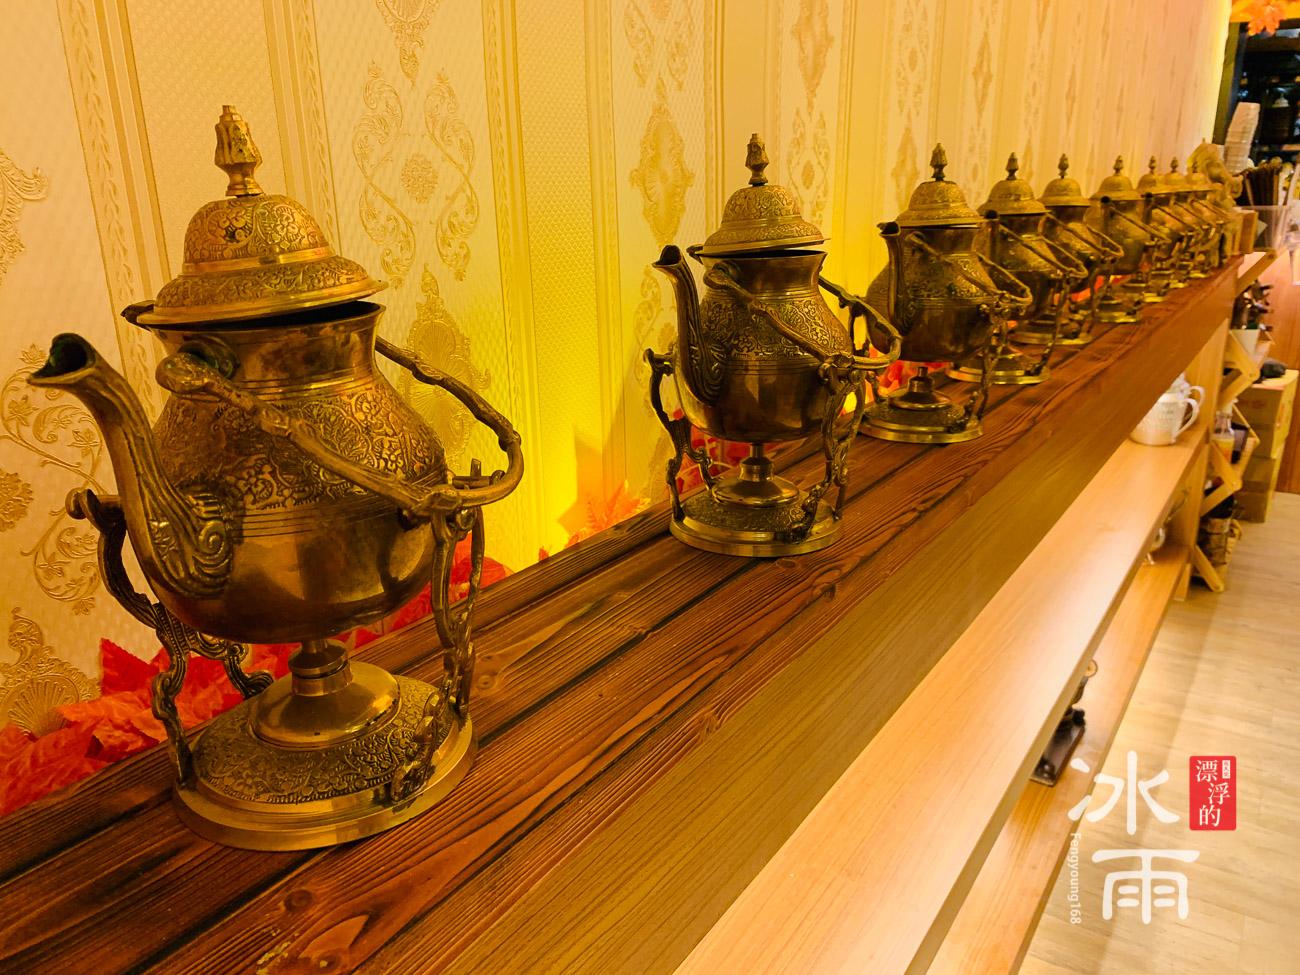 印渡風情|印度料理餐廳|印度茶壺區